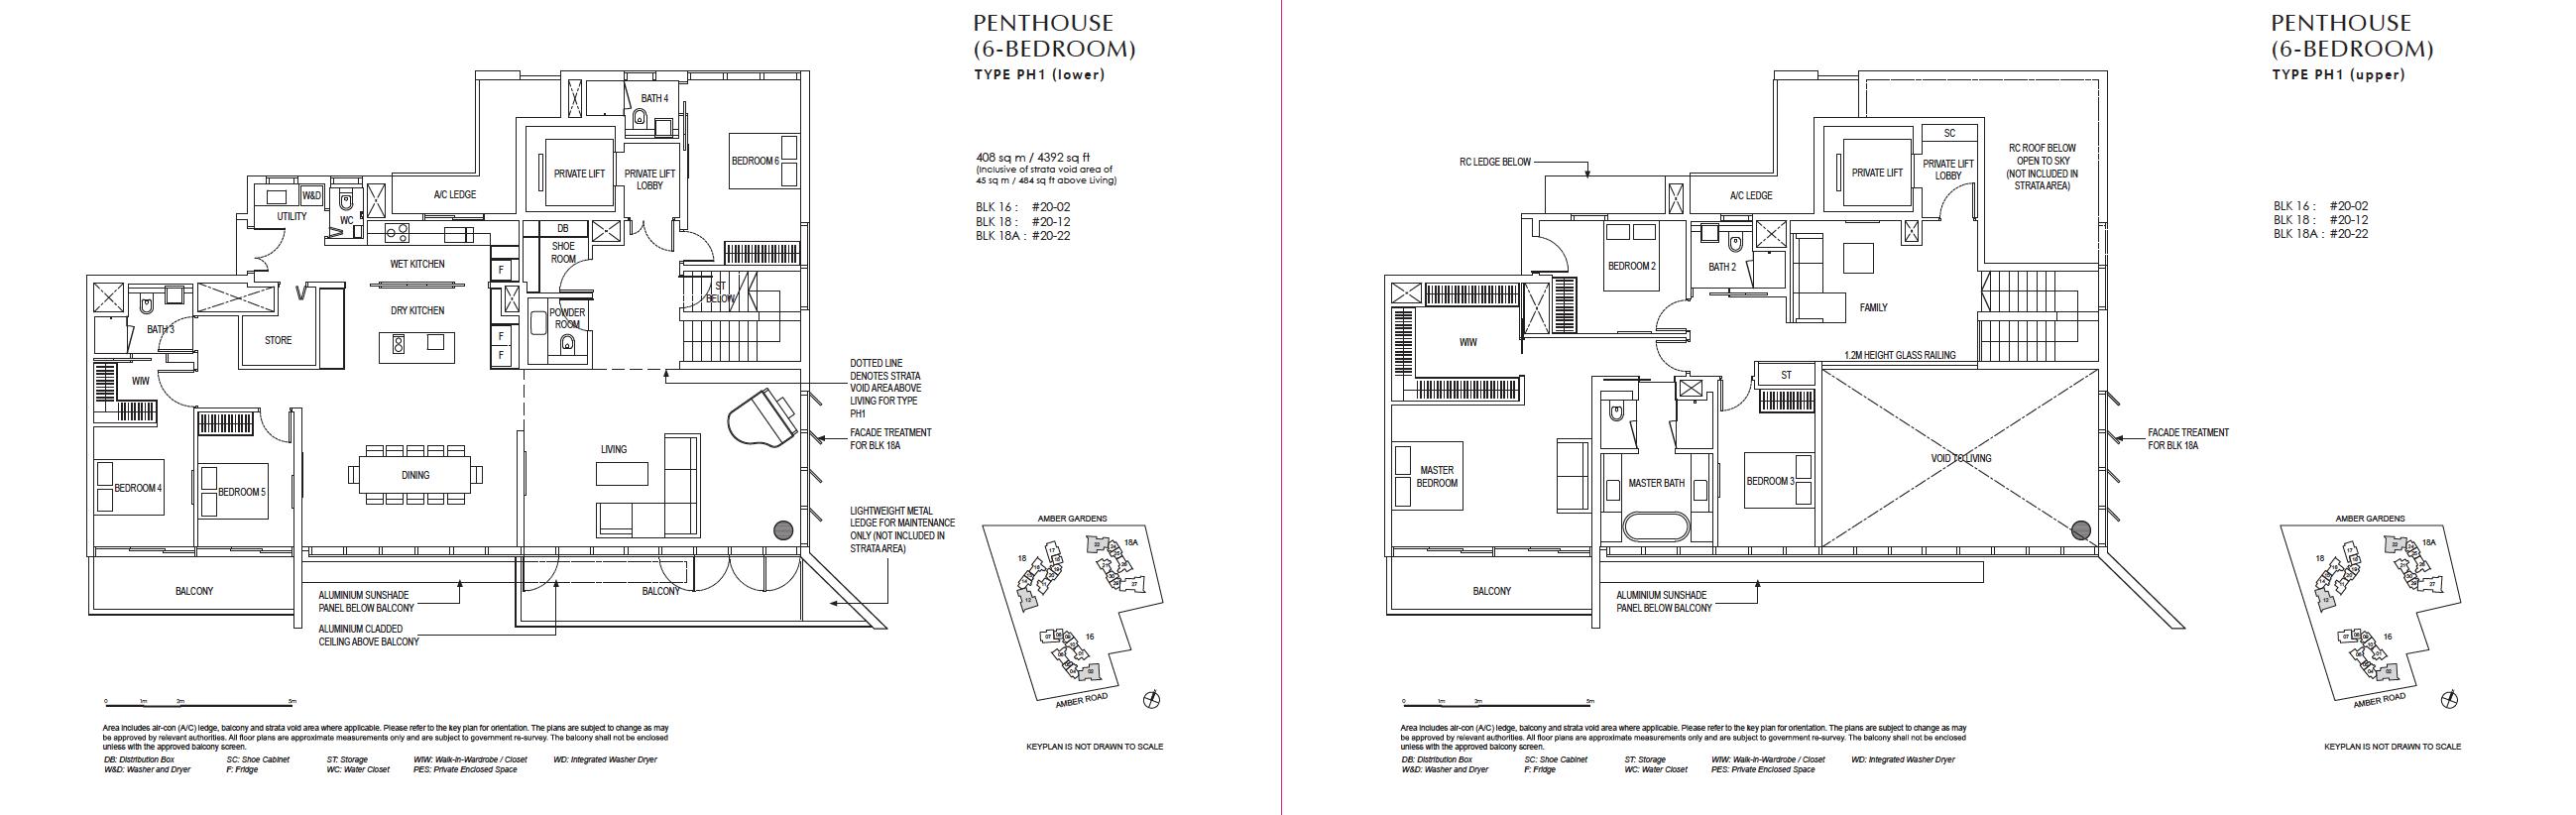 Amber-Park-6-bedroom-penthouse-floor-plan